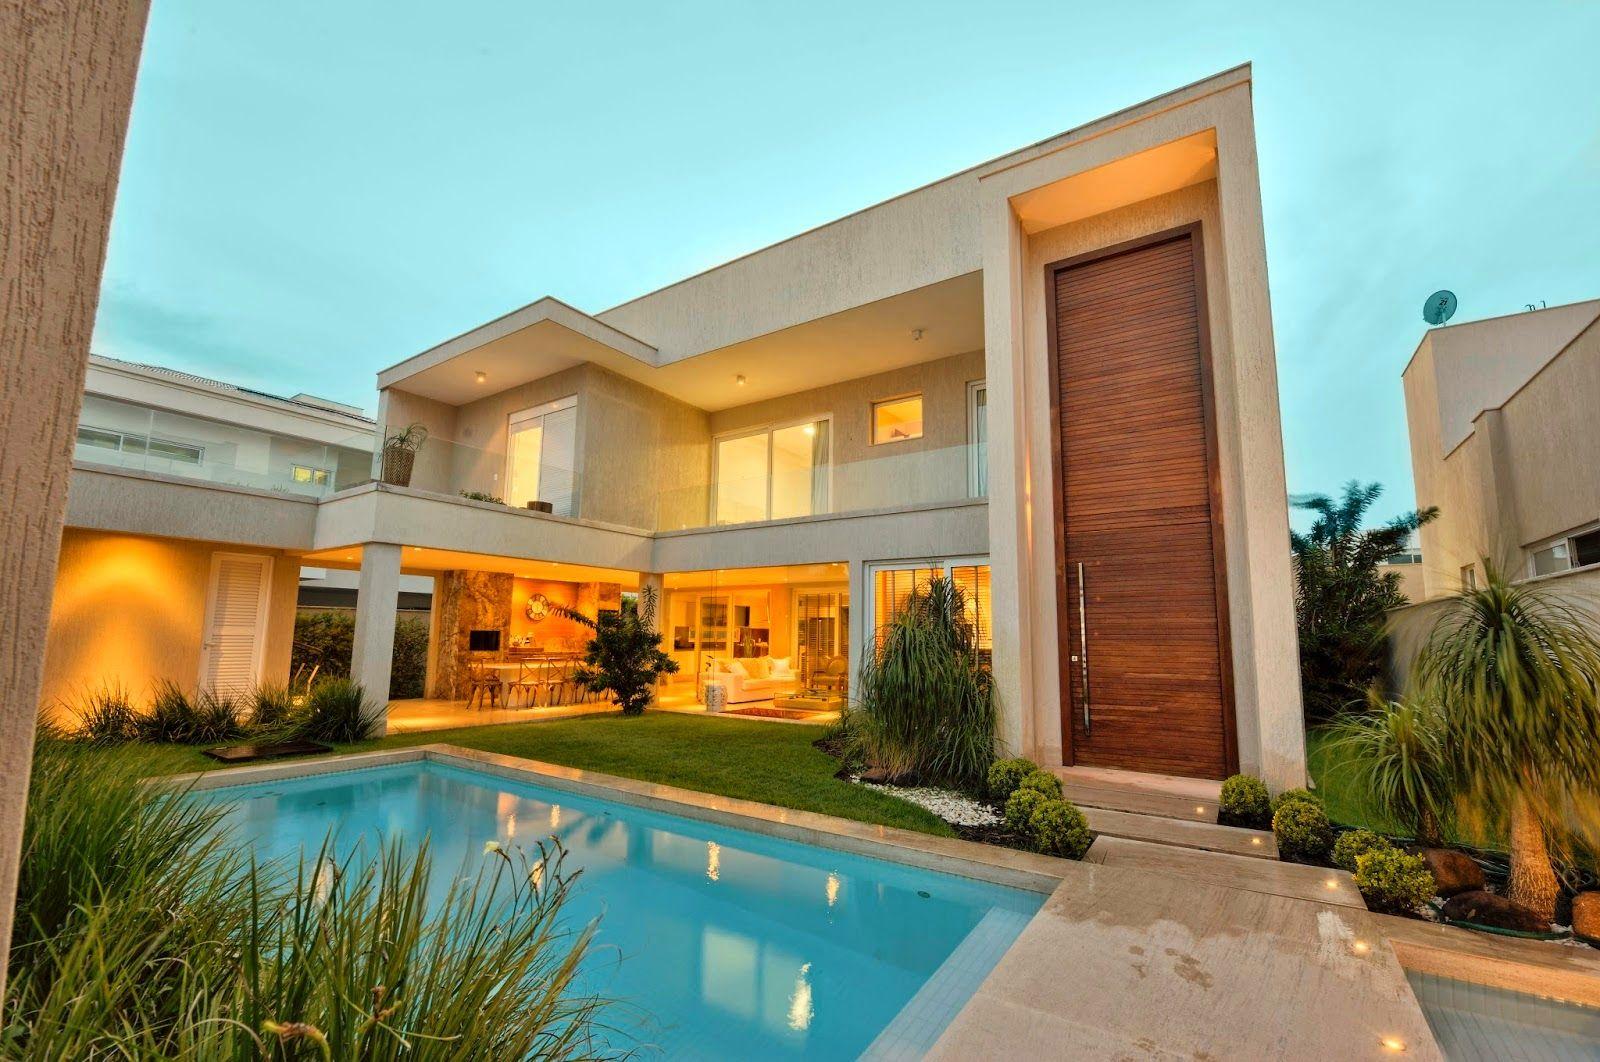 Blog De Decoração E Arquitetura : 20 Fachadas De Casas Modernas Com Linhas